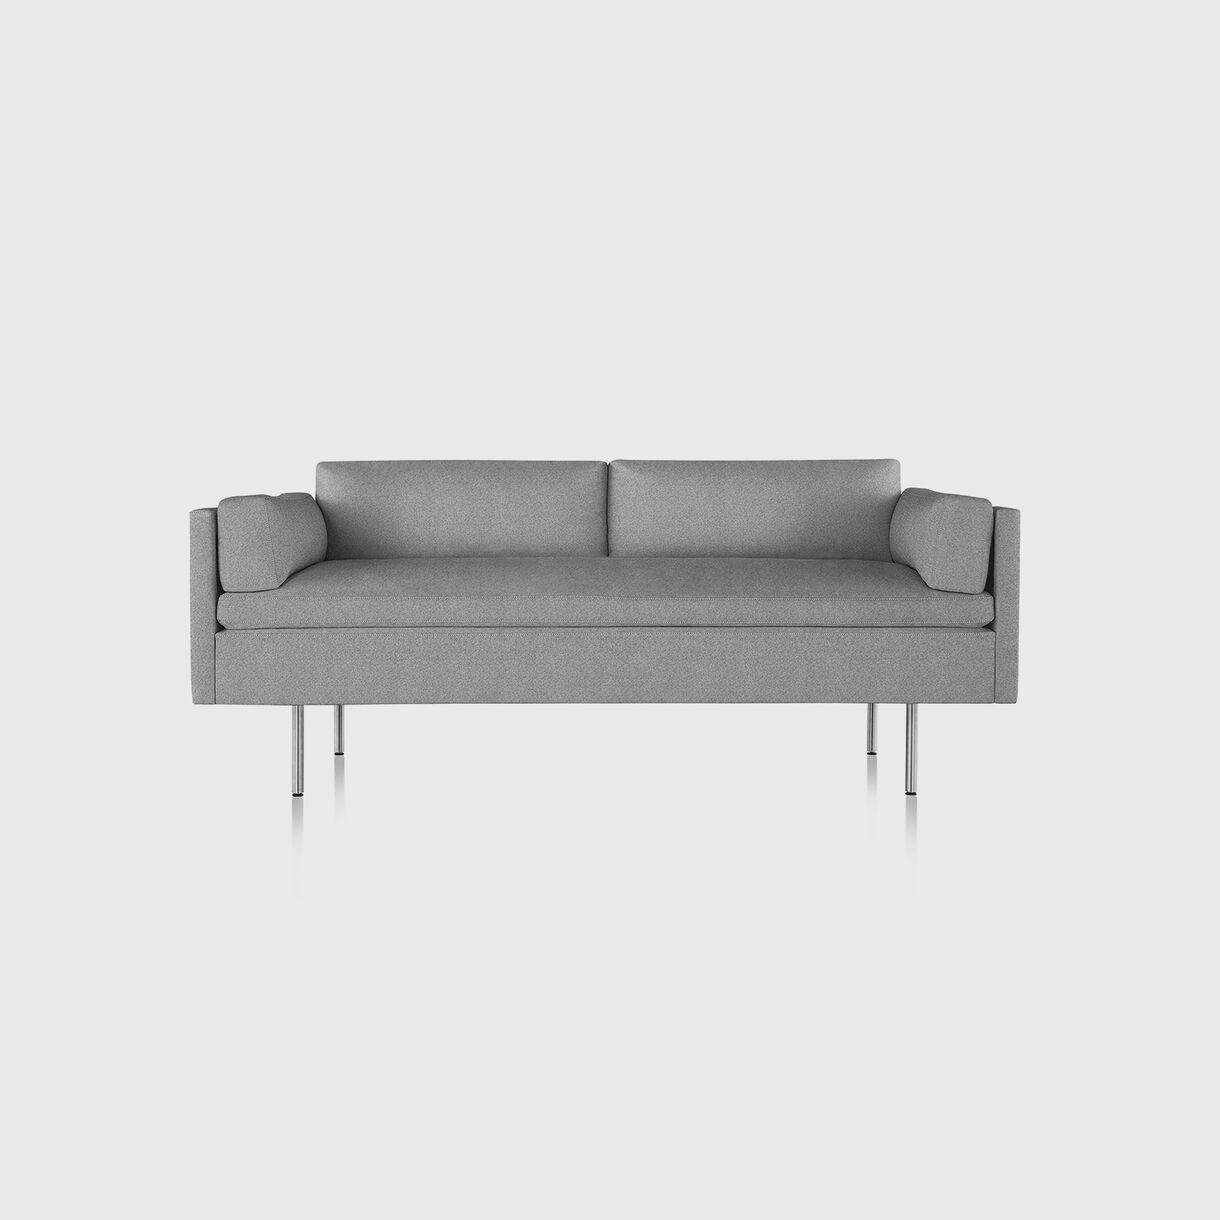 Bolster Sofa, 2 Seater